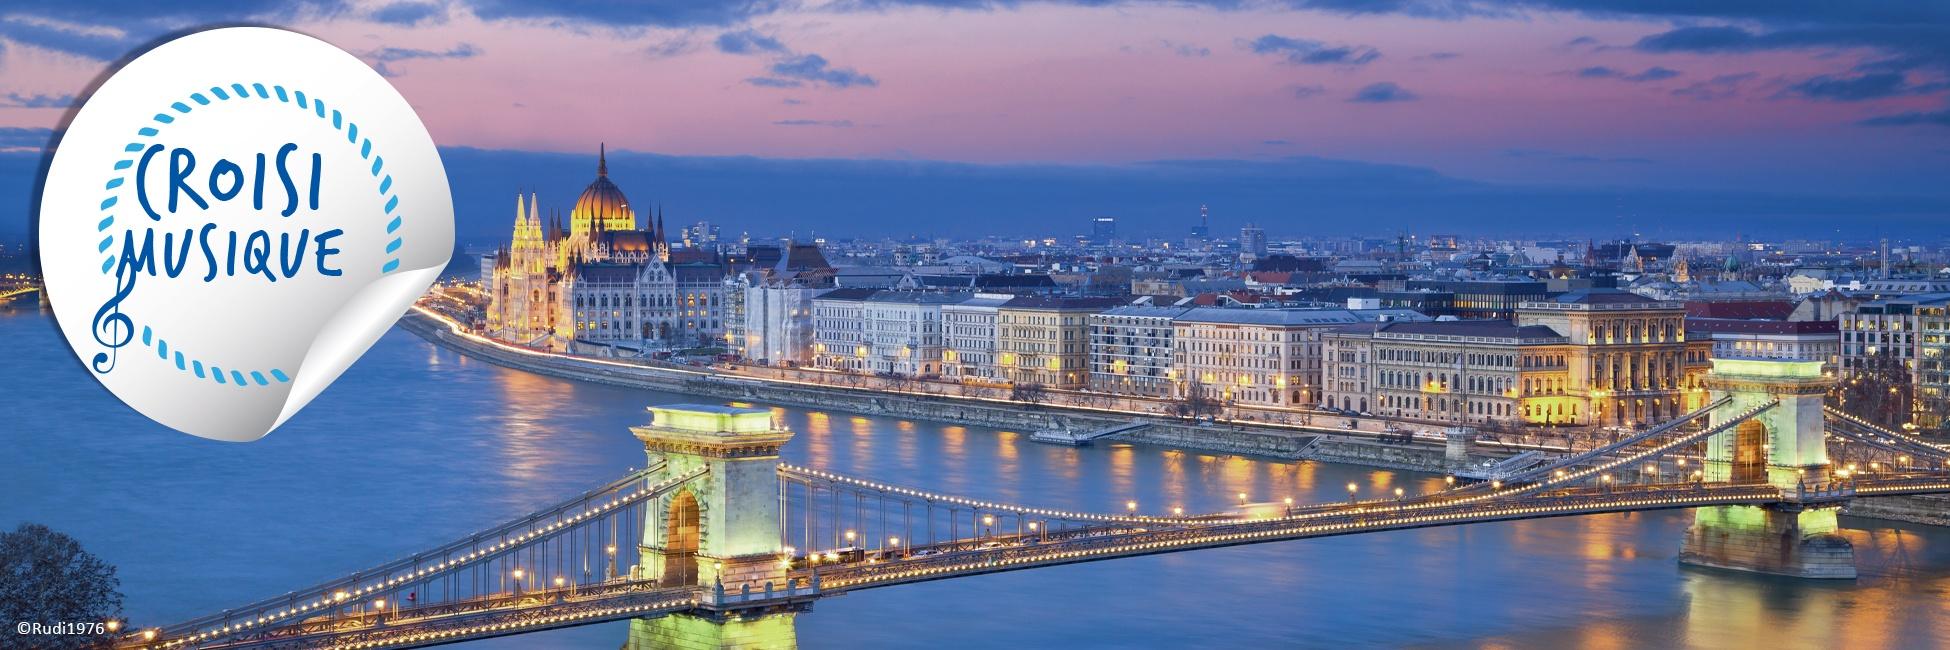 Croisière musicale sur le Danube